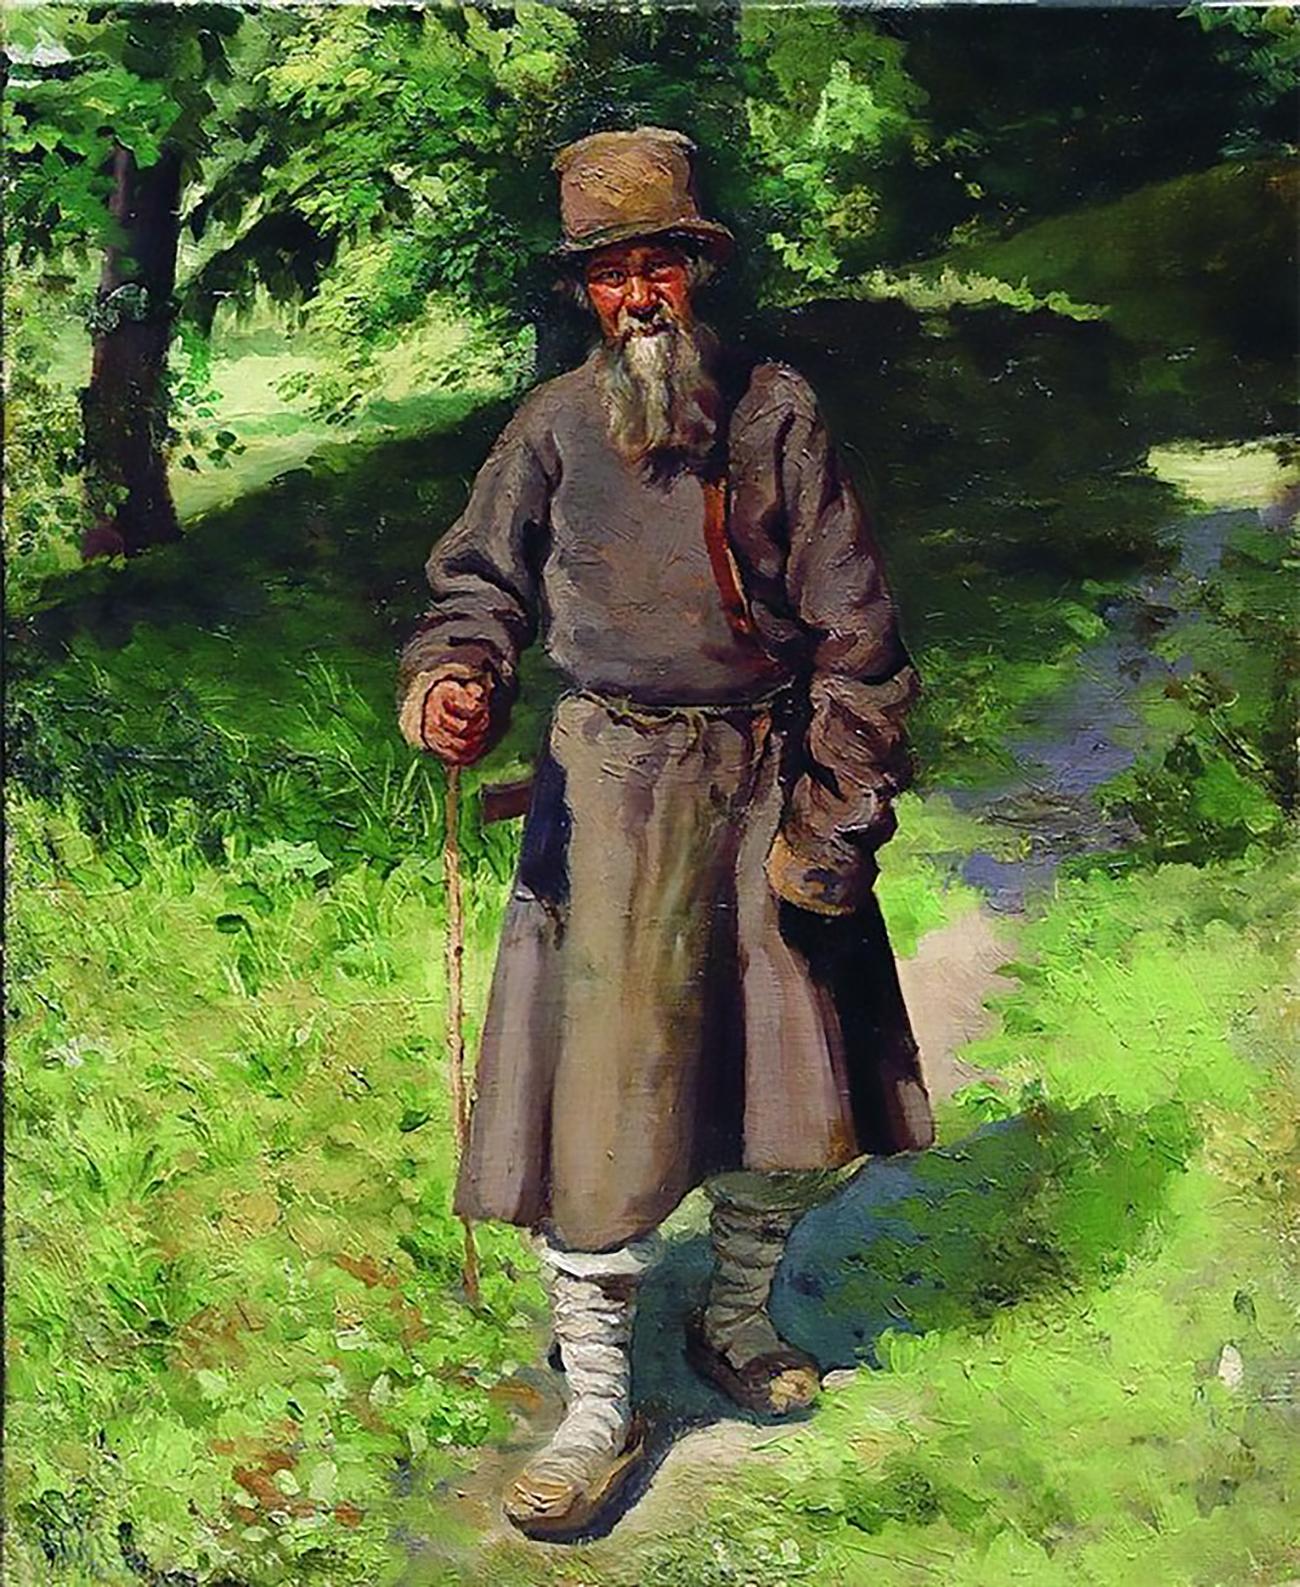 """Јарошенко Николај Александрович """"Селанец во шума"""", 1880 / Приватна колекција"""